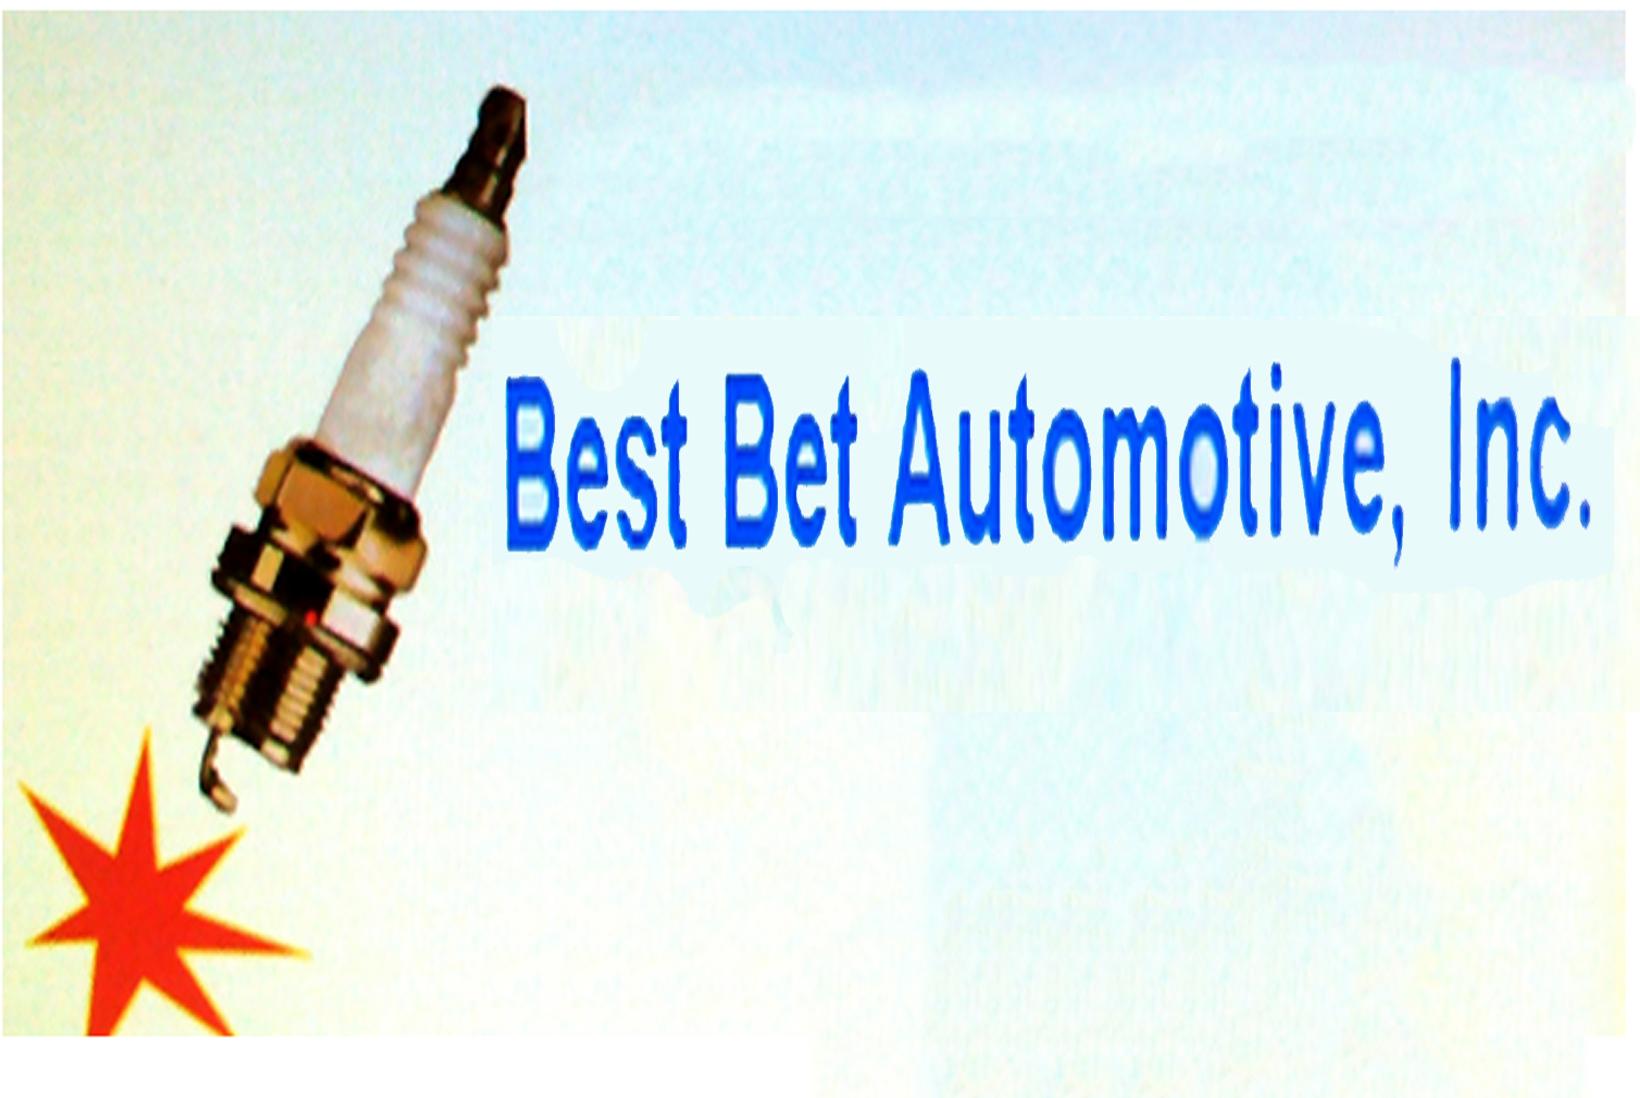 Best Bet Automotive Inc